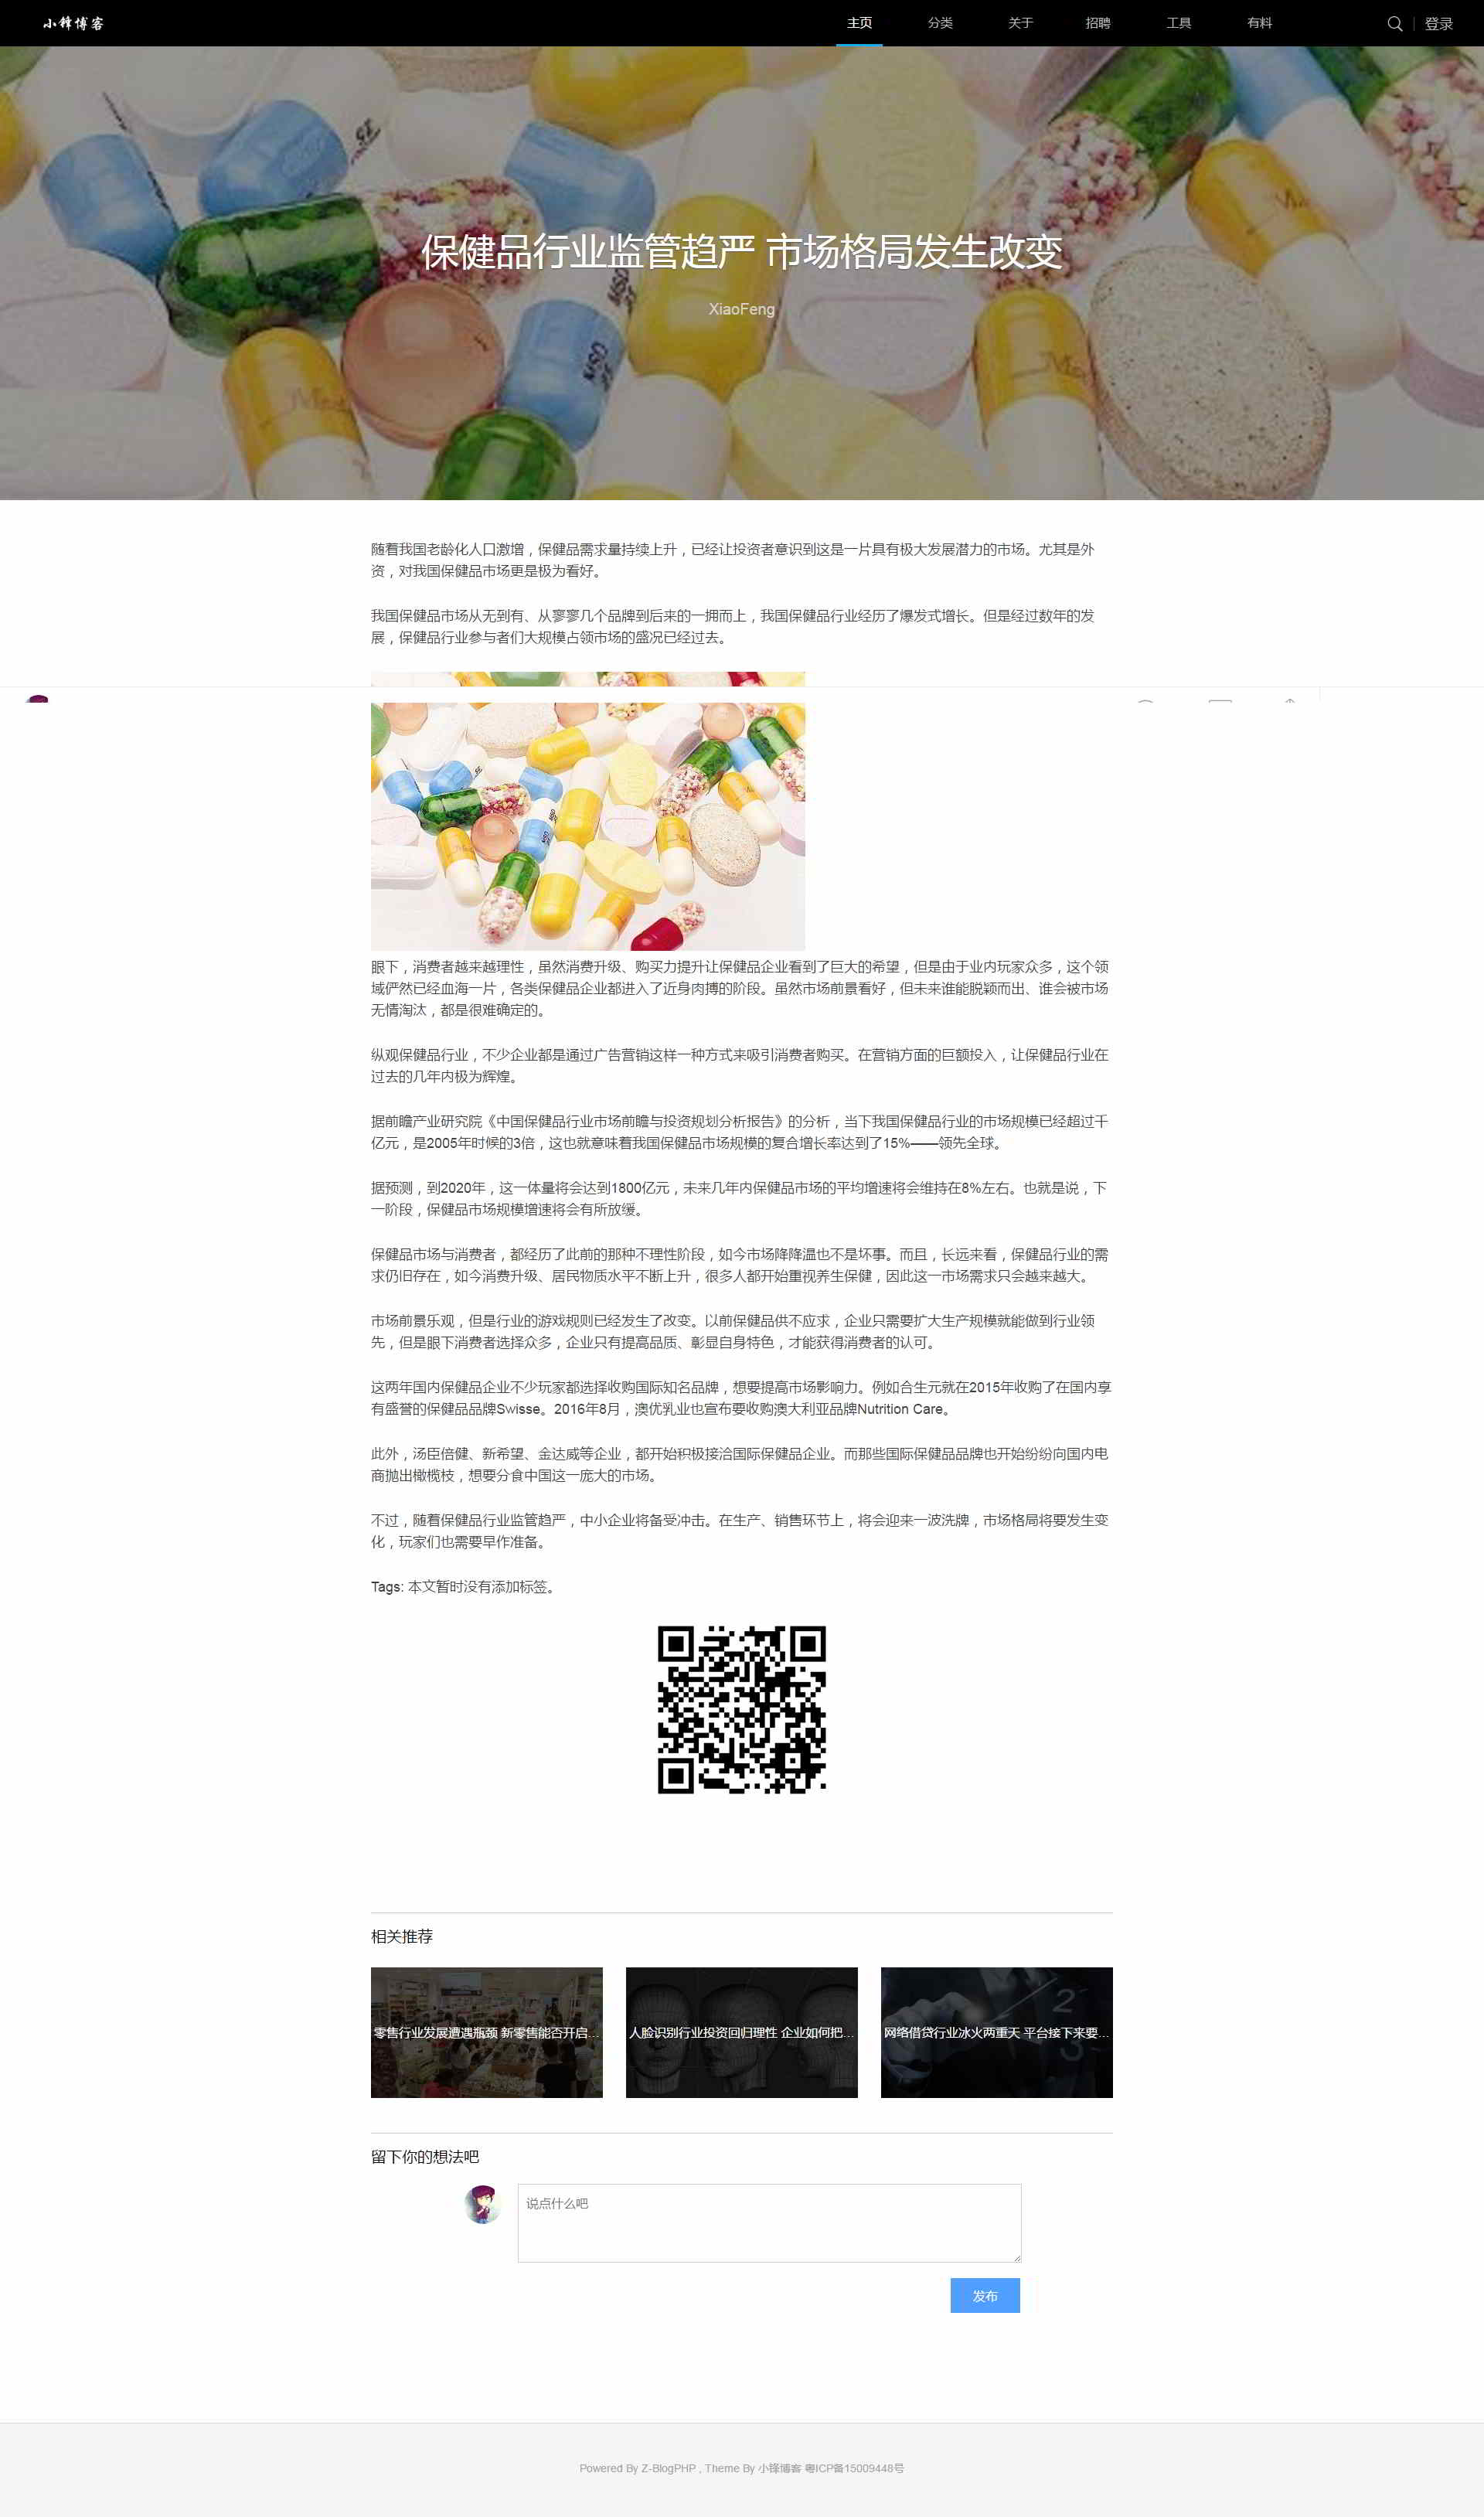 ZblogPhp模版-仿腾讯ISUX